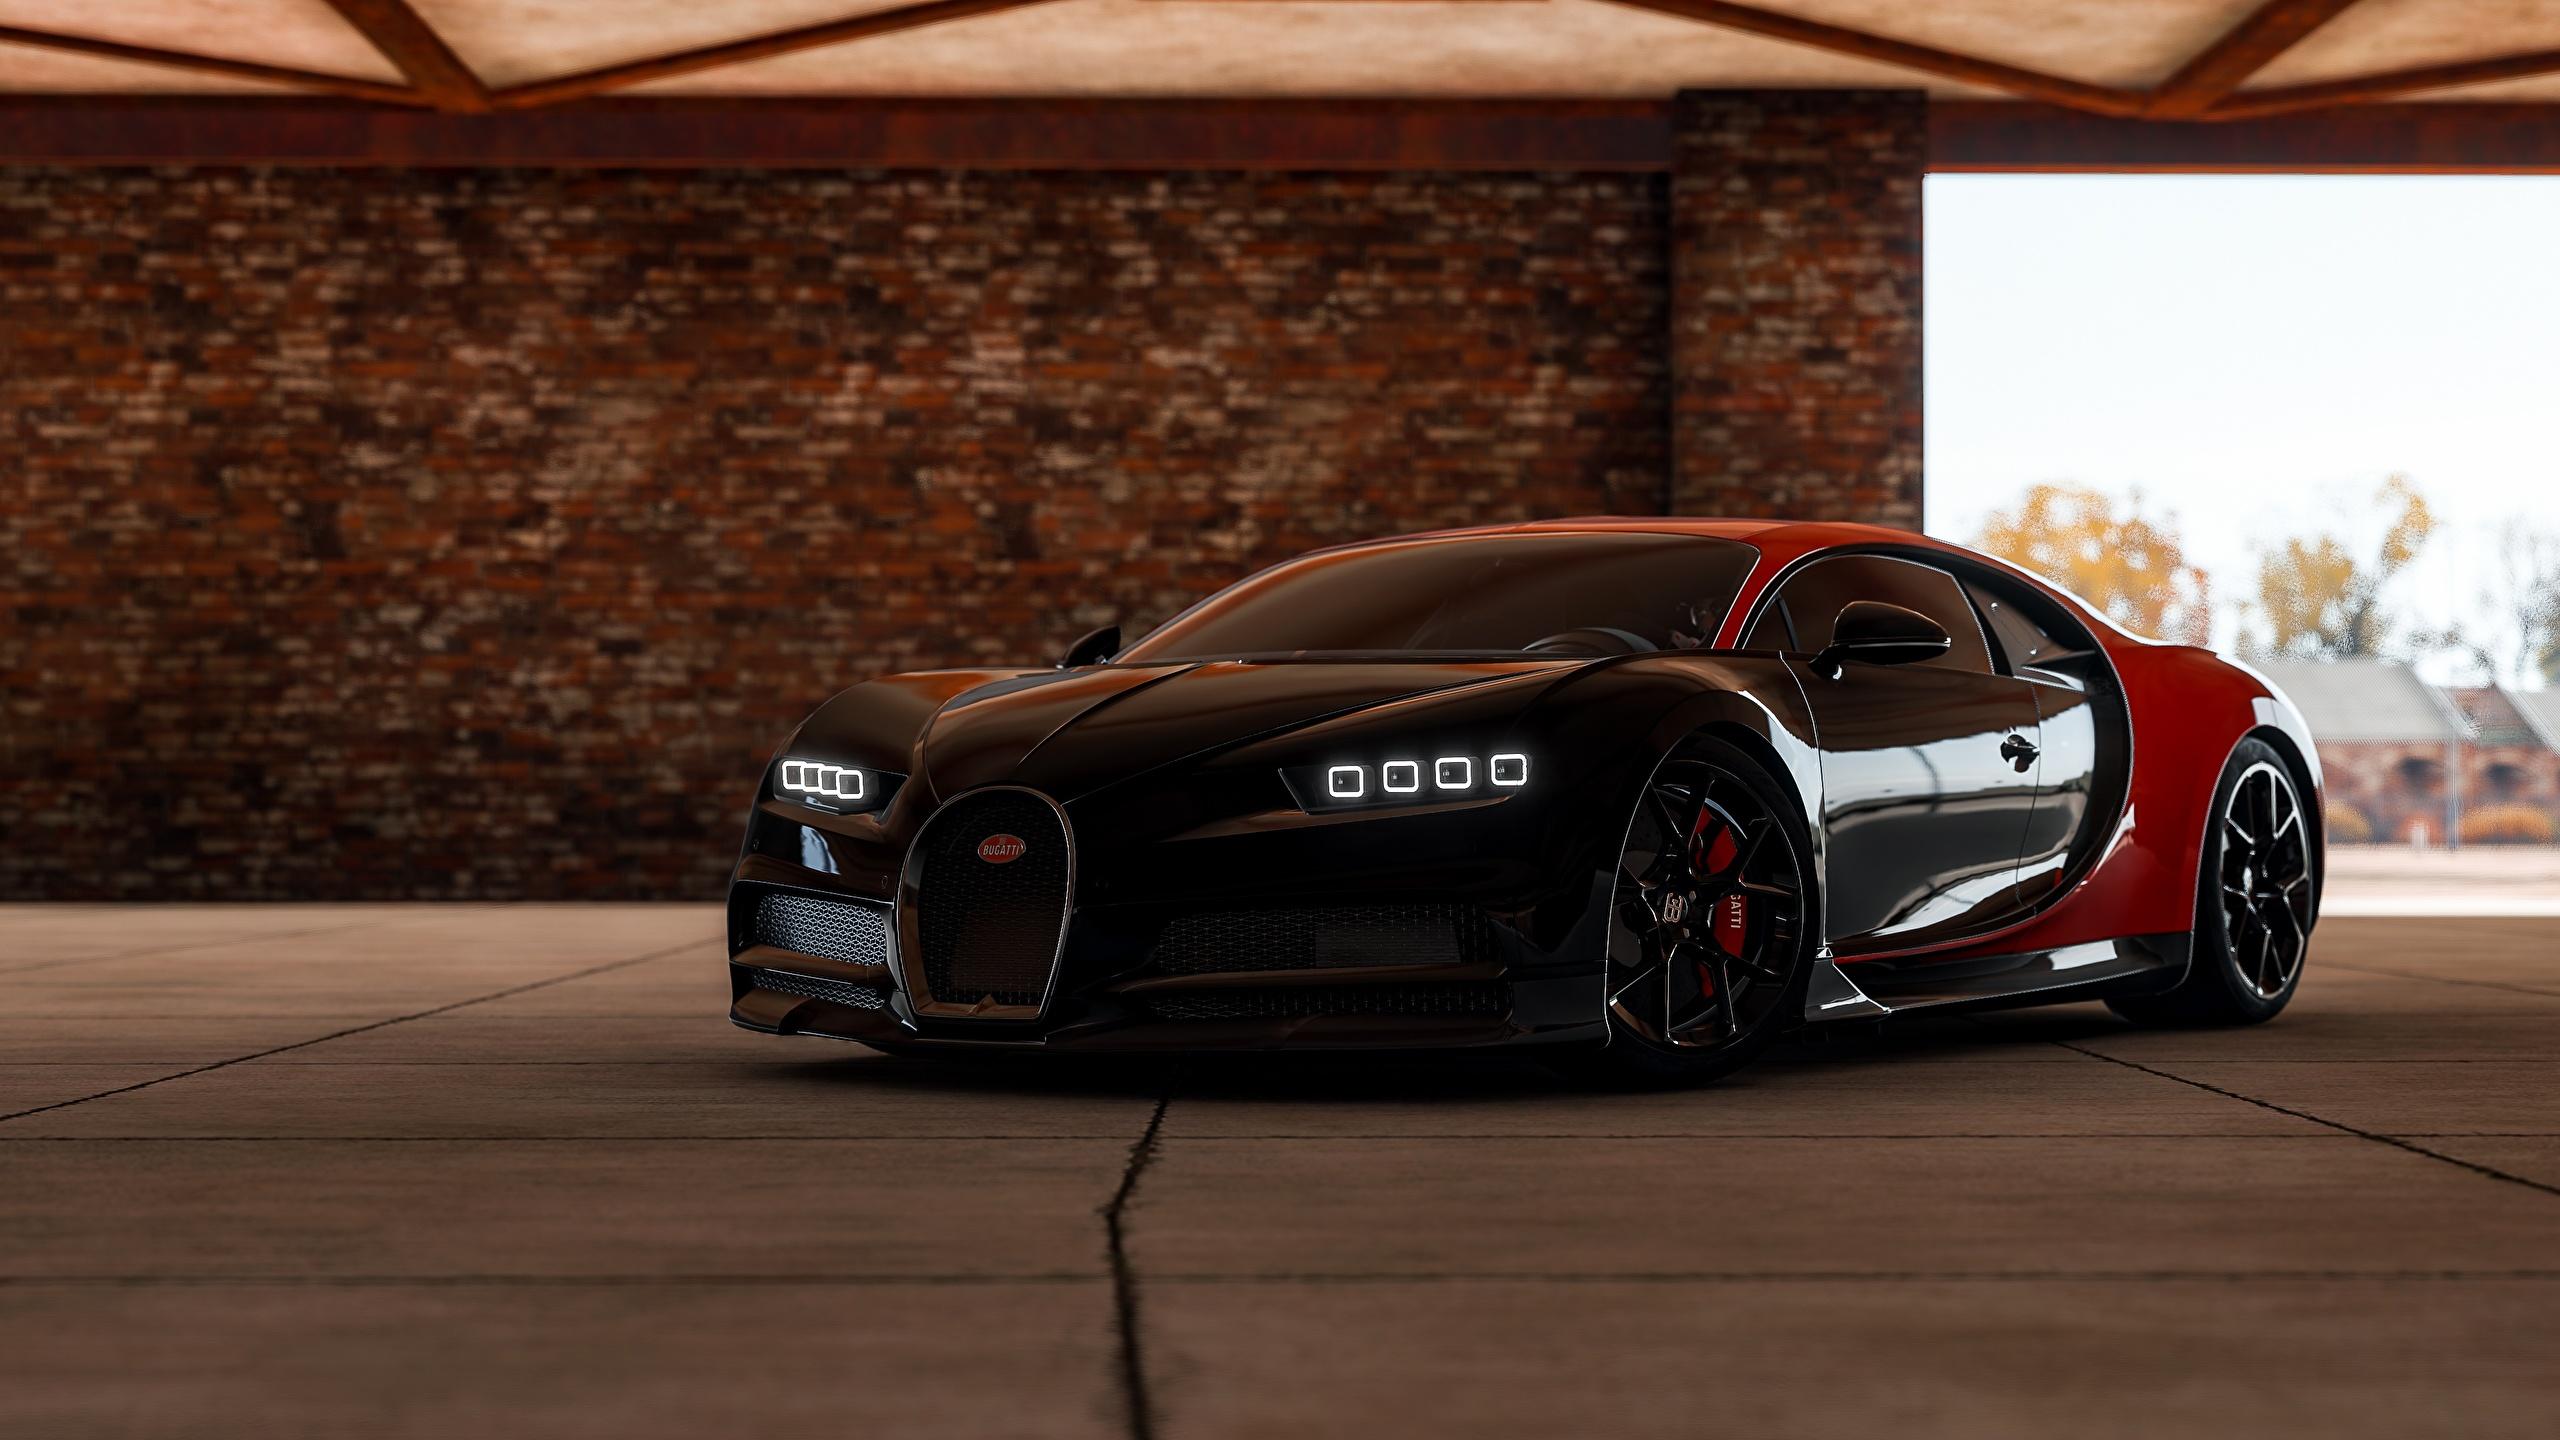 Picture 3d Graphics Bugatti Chiron Automobile Forza 2560x1440